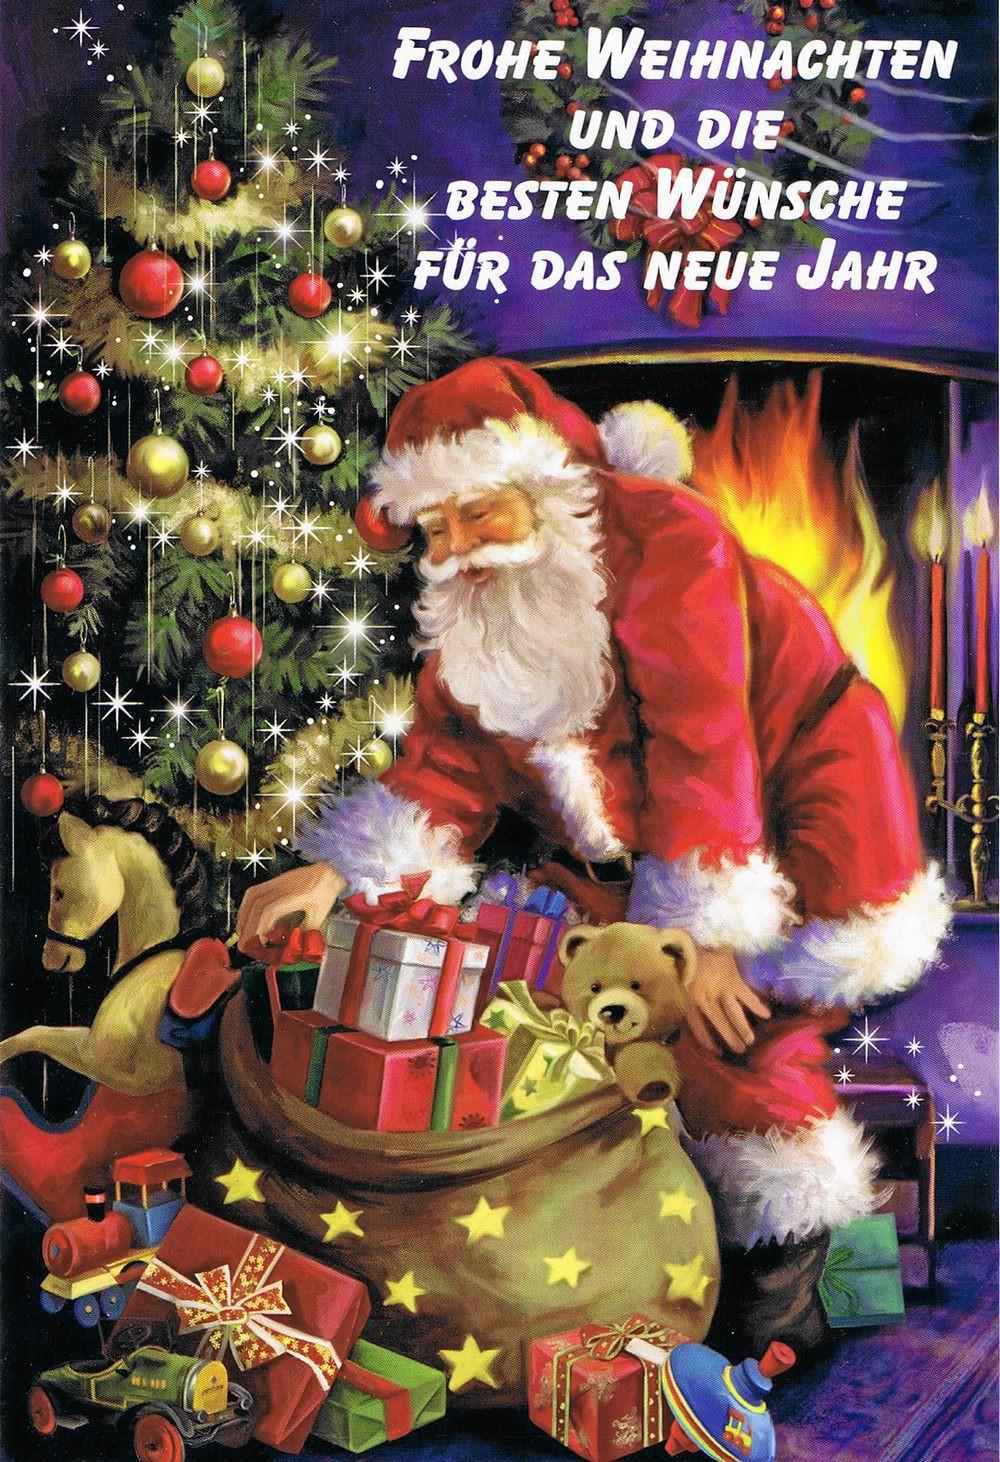 Weihnachten Nostalgisch.Weihnachtskarte Weihnachtsmann Nostalgie 6